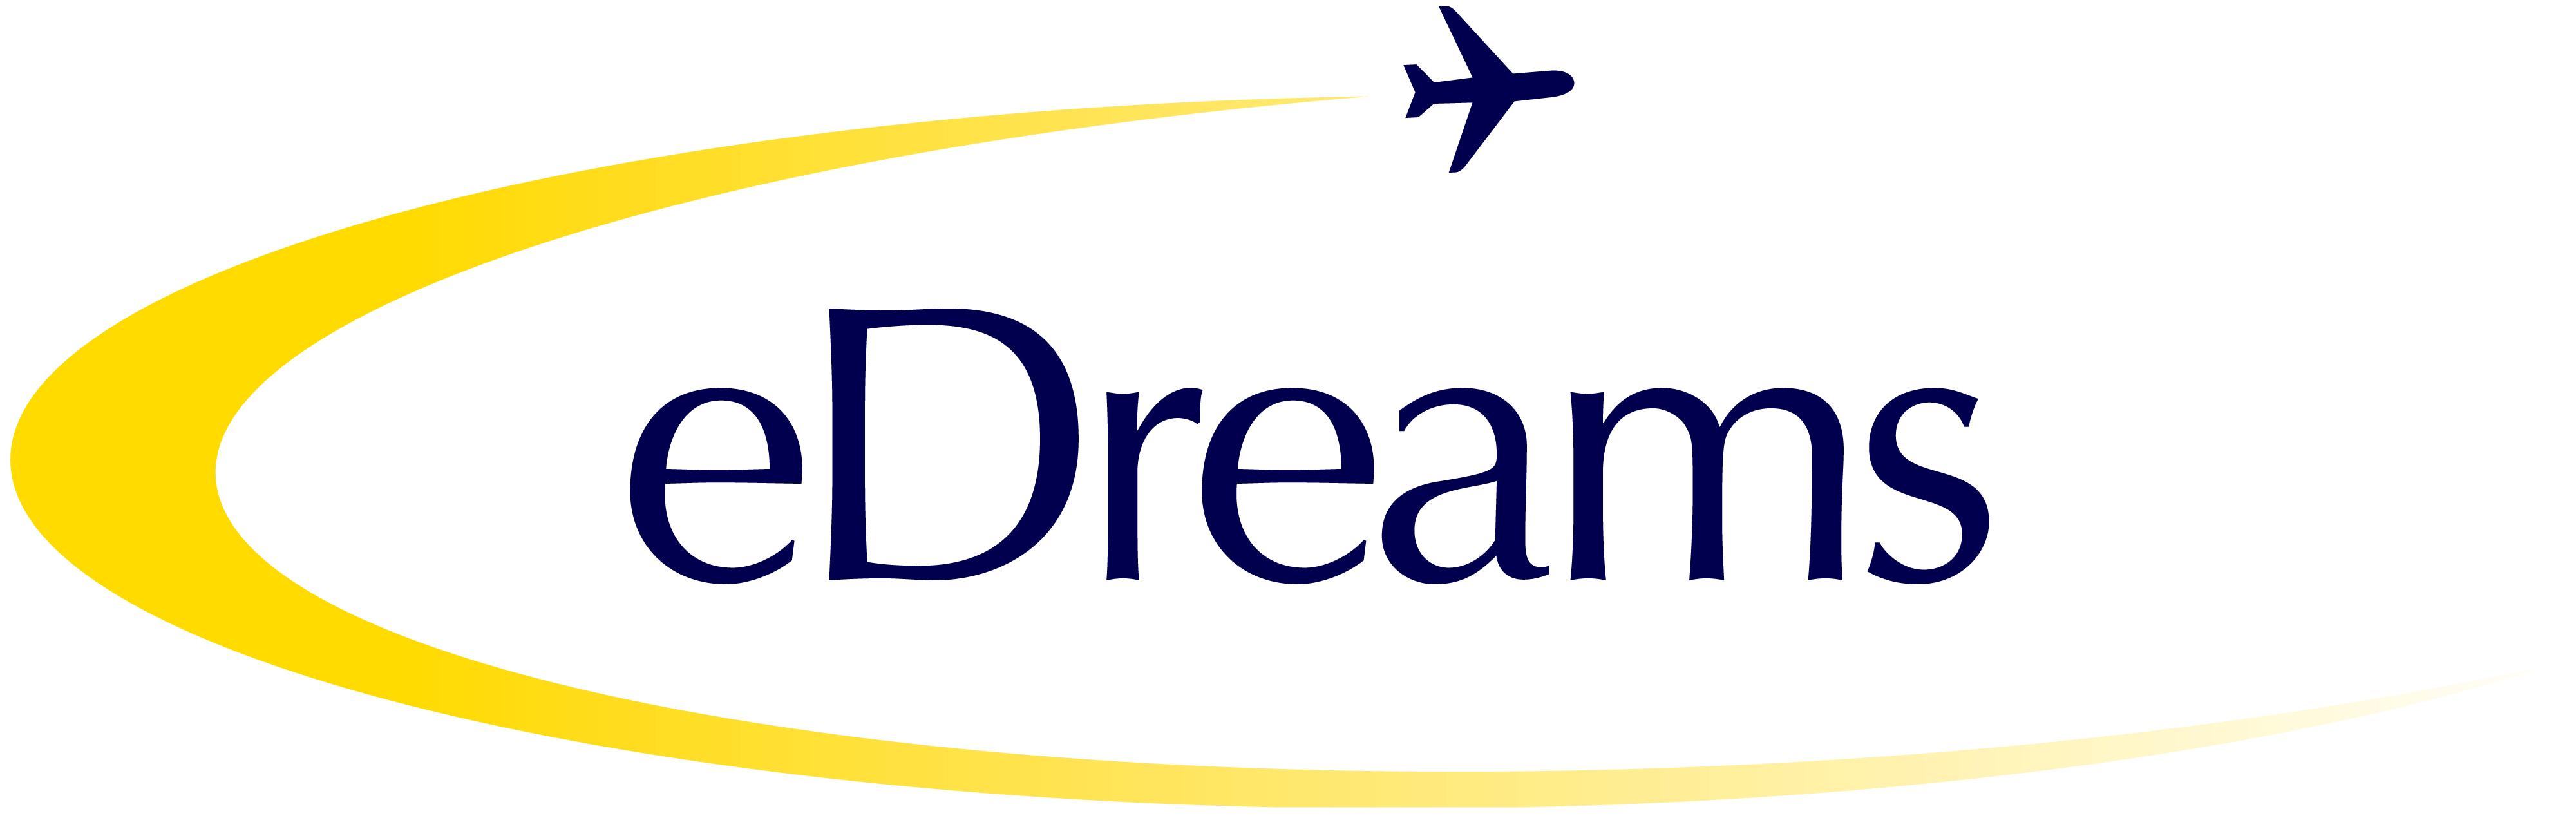 Come prenotare voli low cost edreams Londra